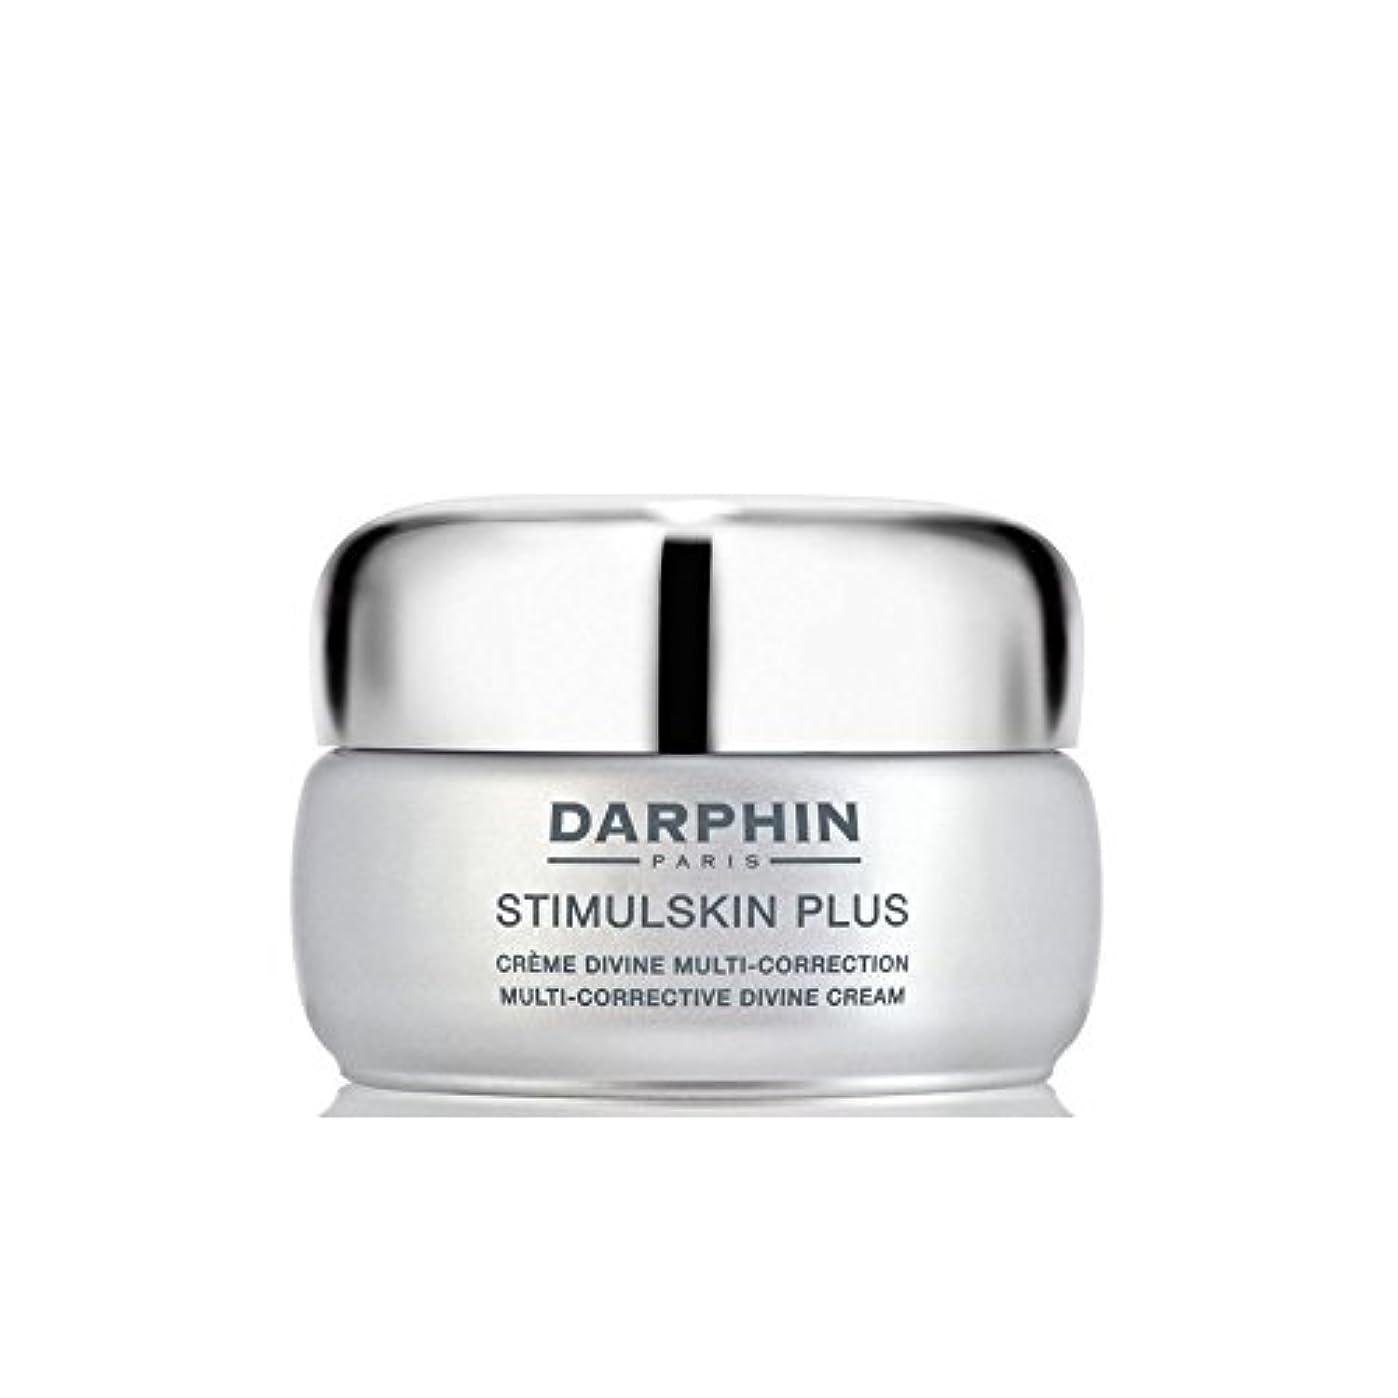 良心的処分した安全Darphin Stimulskin Plus Multi-Corrective Divine Cream - Rich - ダルファンスティプラスマルチ是正神クリーム - 豊富 [並行輸入品]